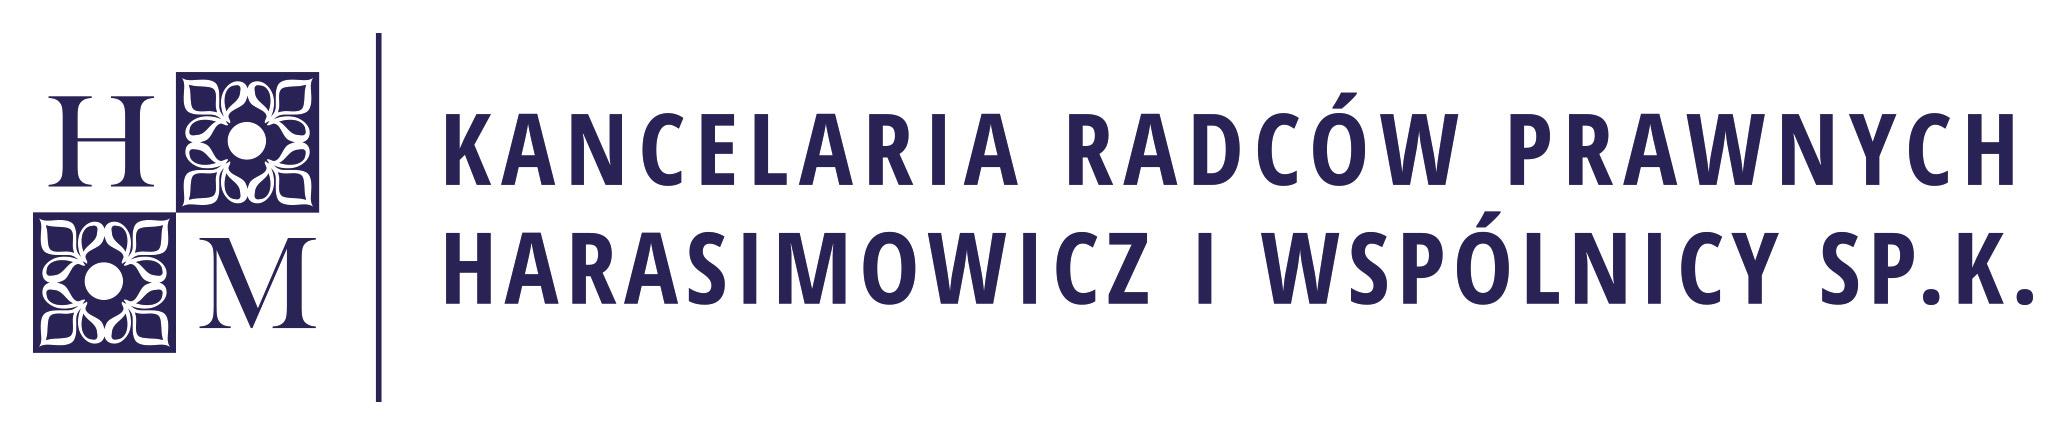 Kancelaria radców prawnych Harasimowicz i Wspólnicy